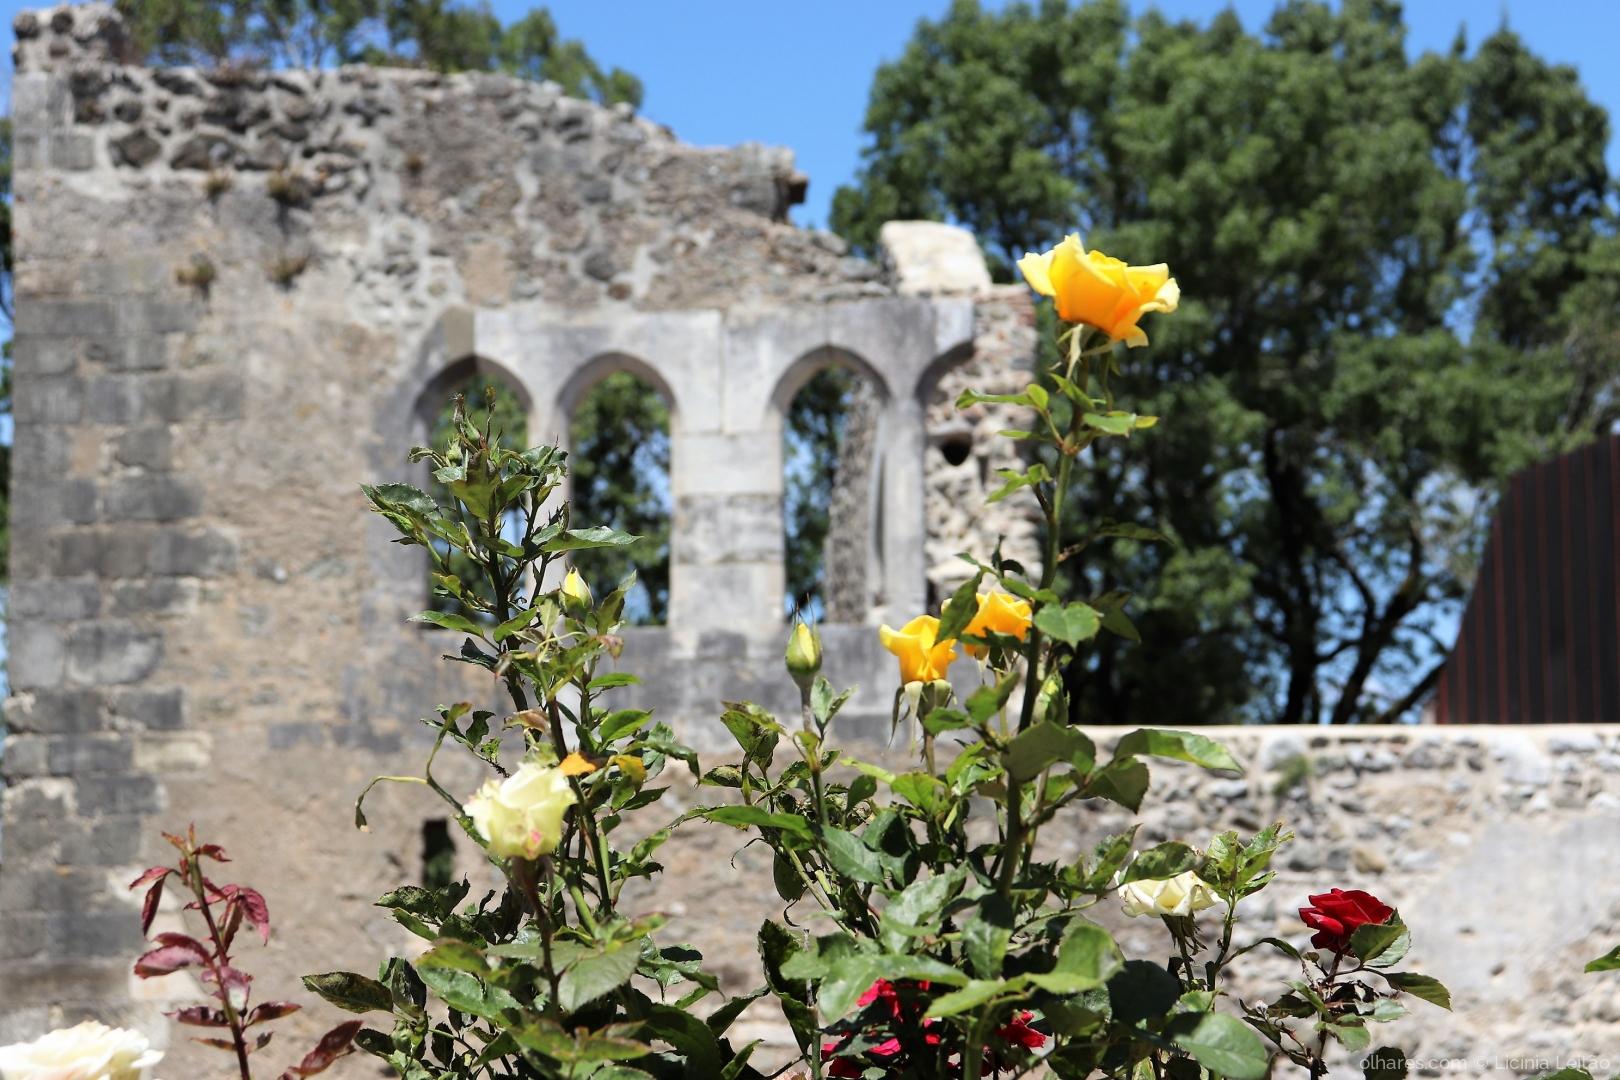 Arquitetura/Rosa efémera no castelo